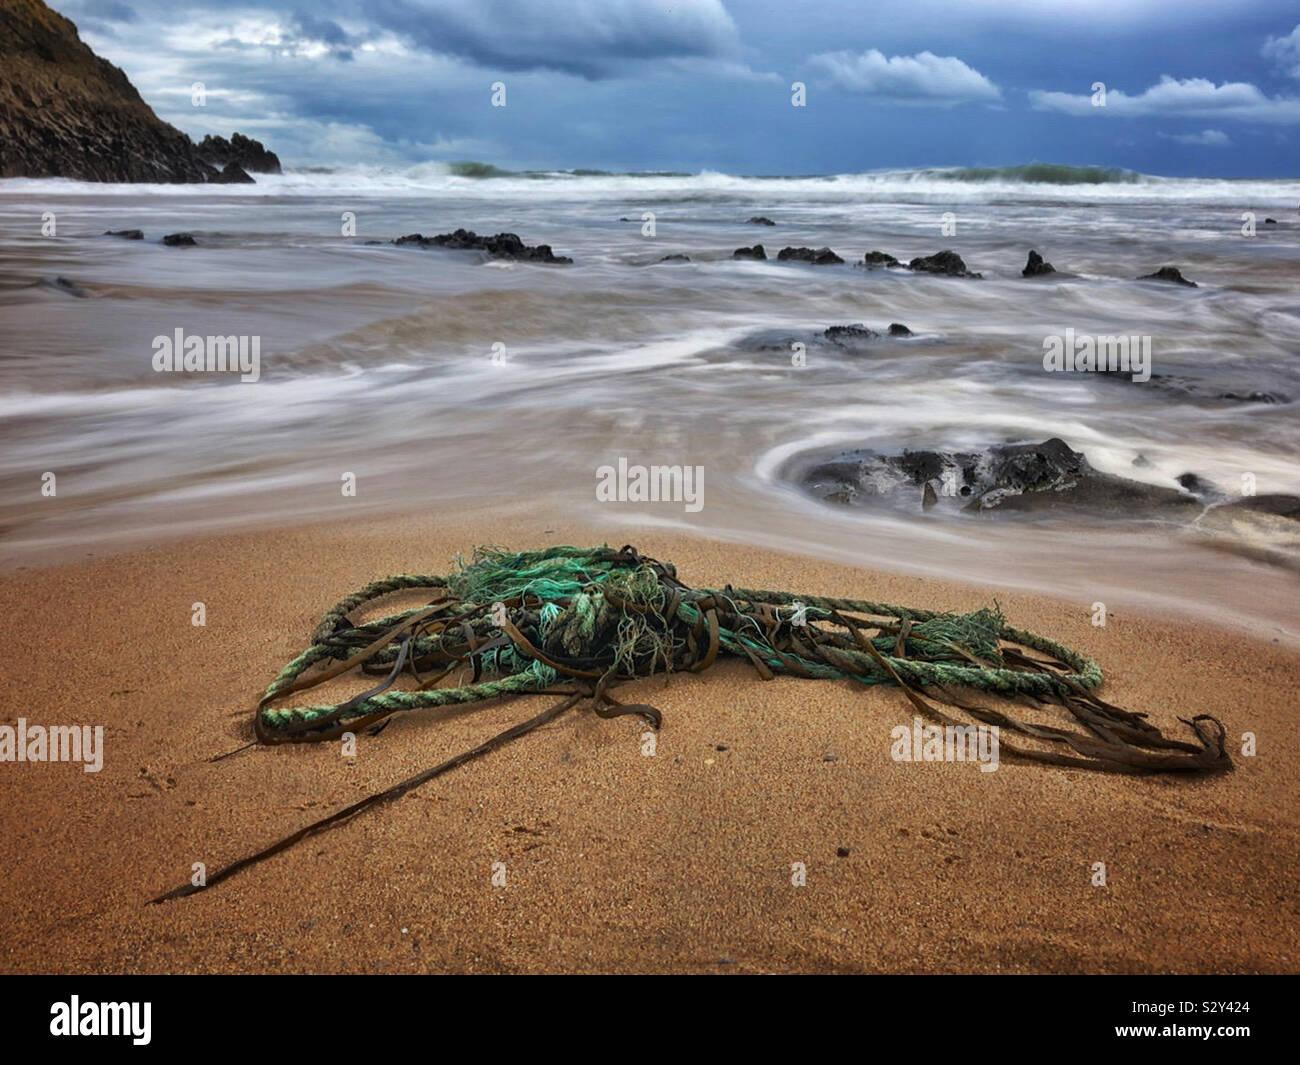 Vieille corde échoué sur une plage de surf gallois, Gower, galles, octobre. Banque D'Images